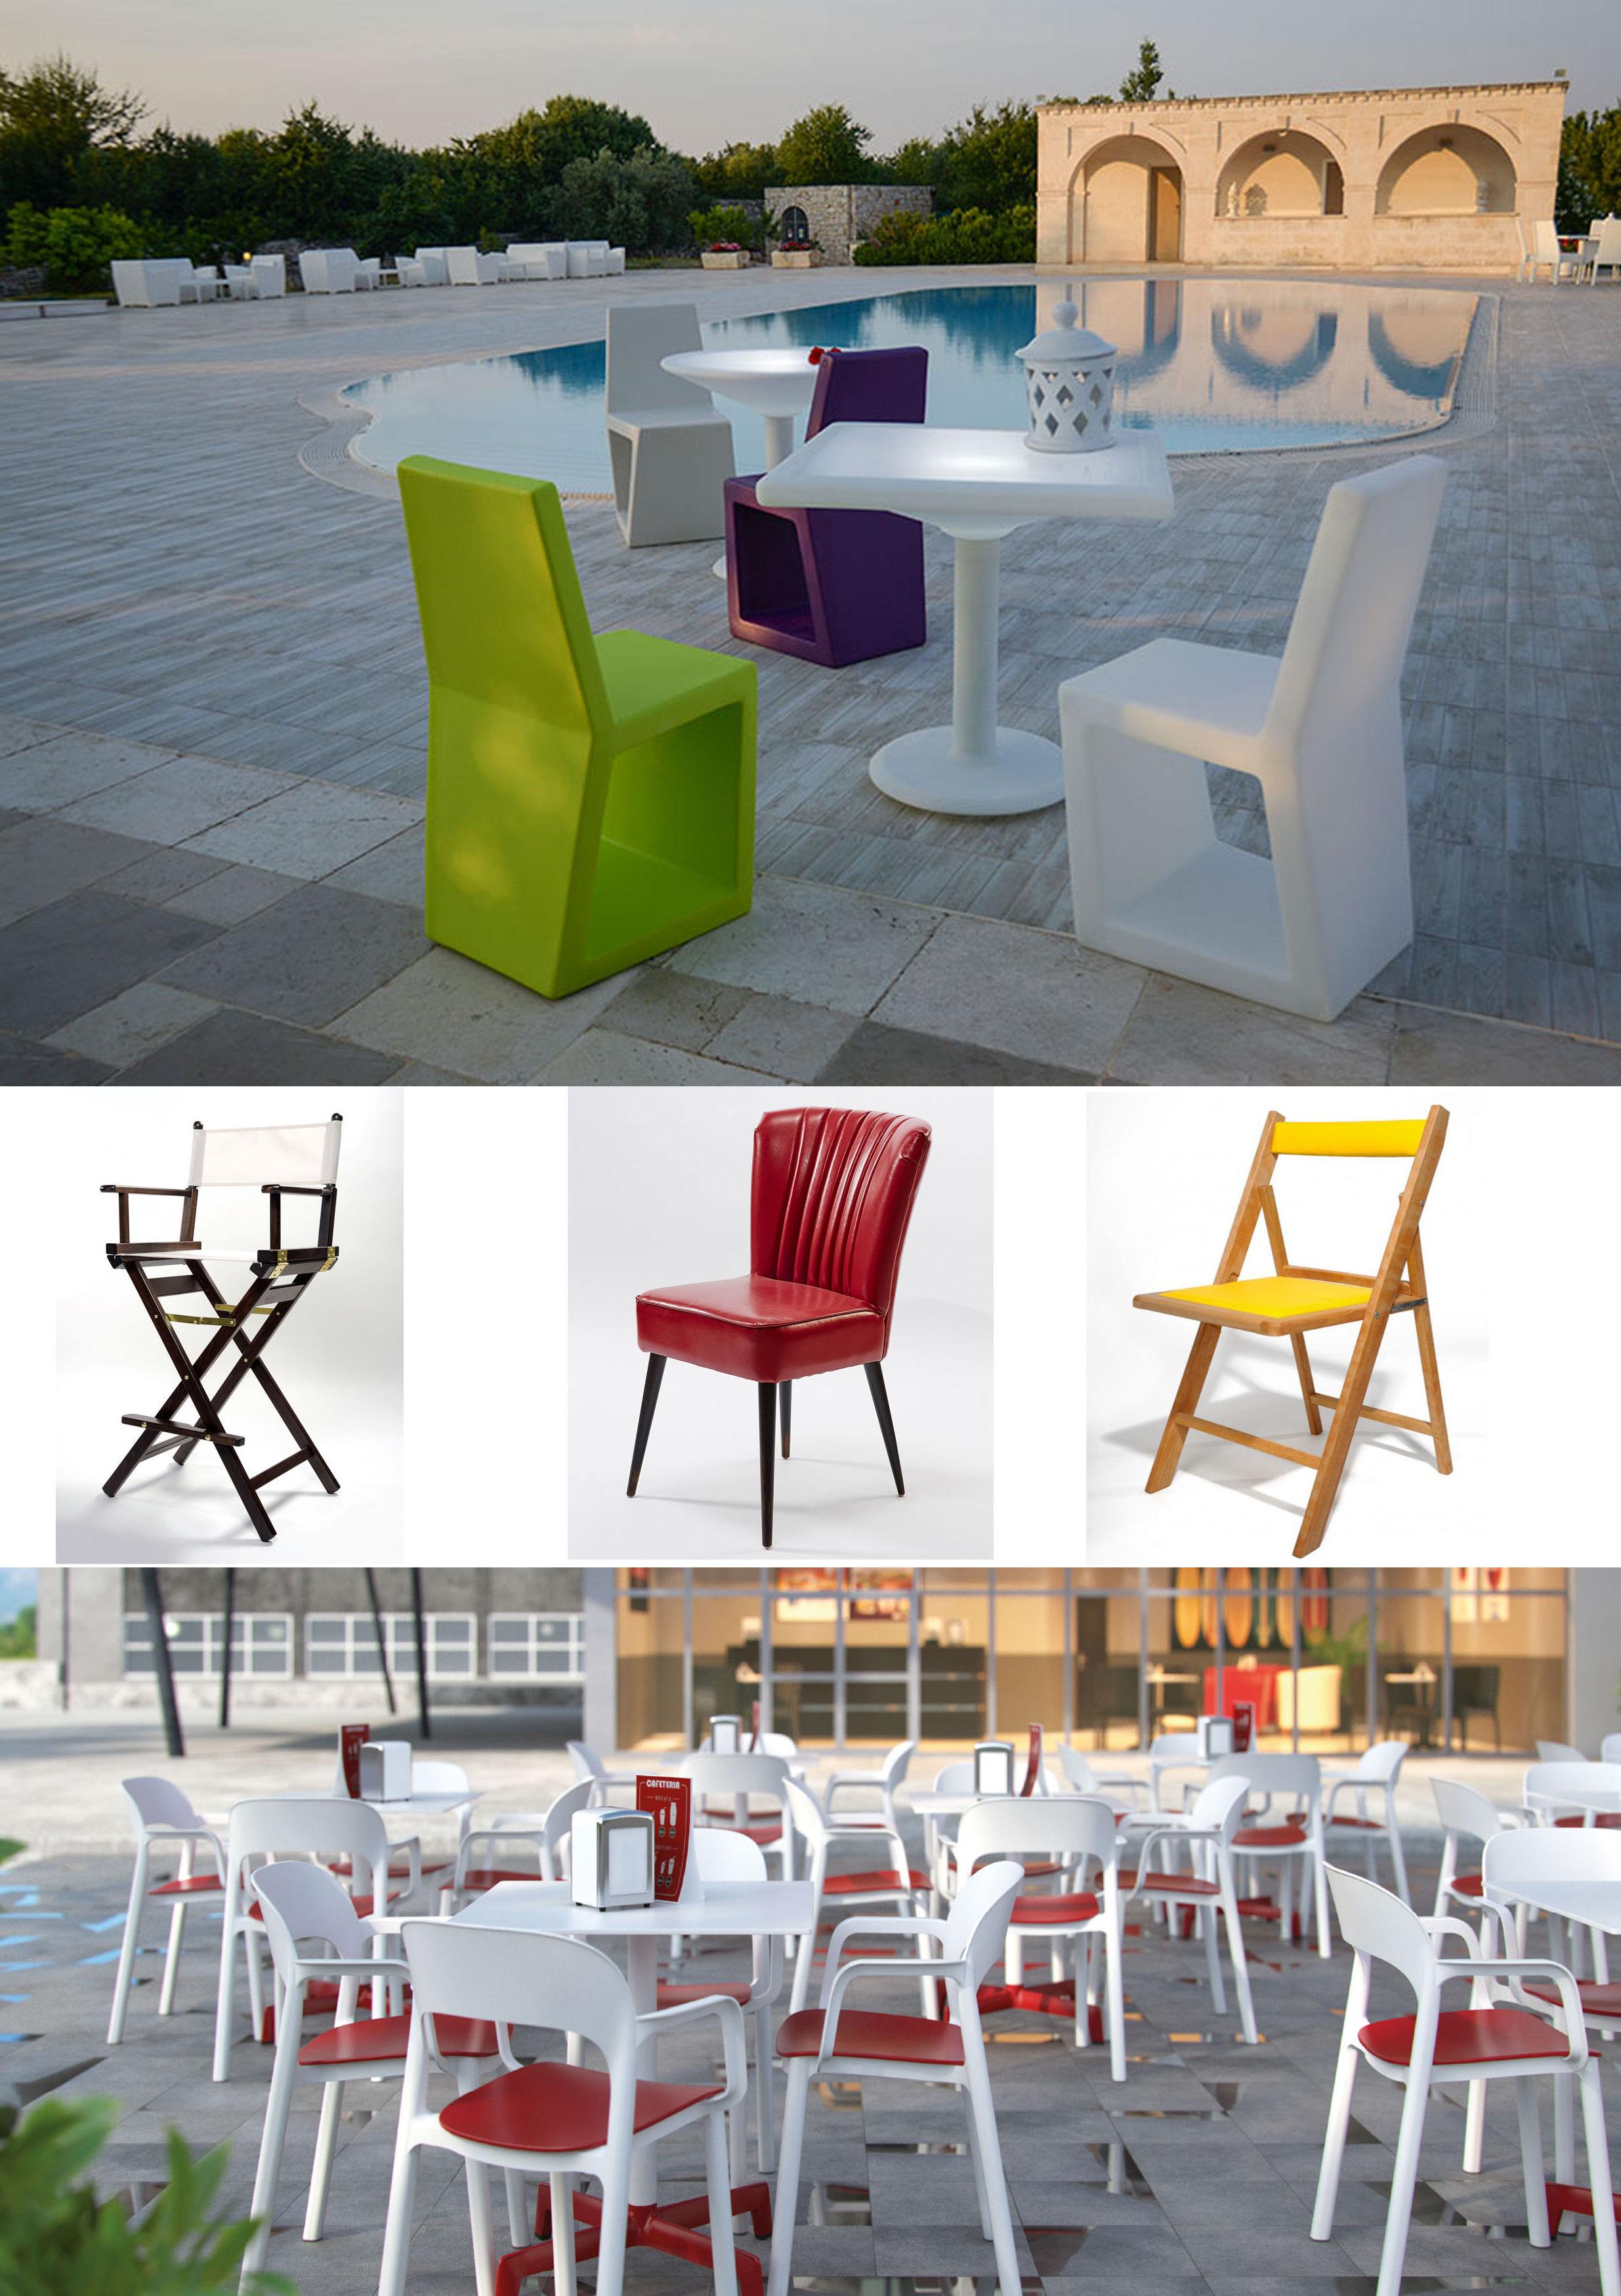 Venta de sillas y mesas en Zaragoza.